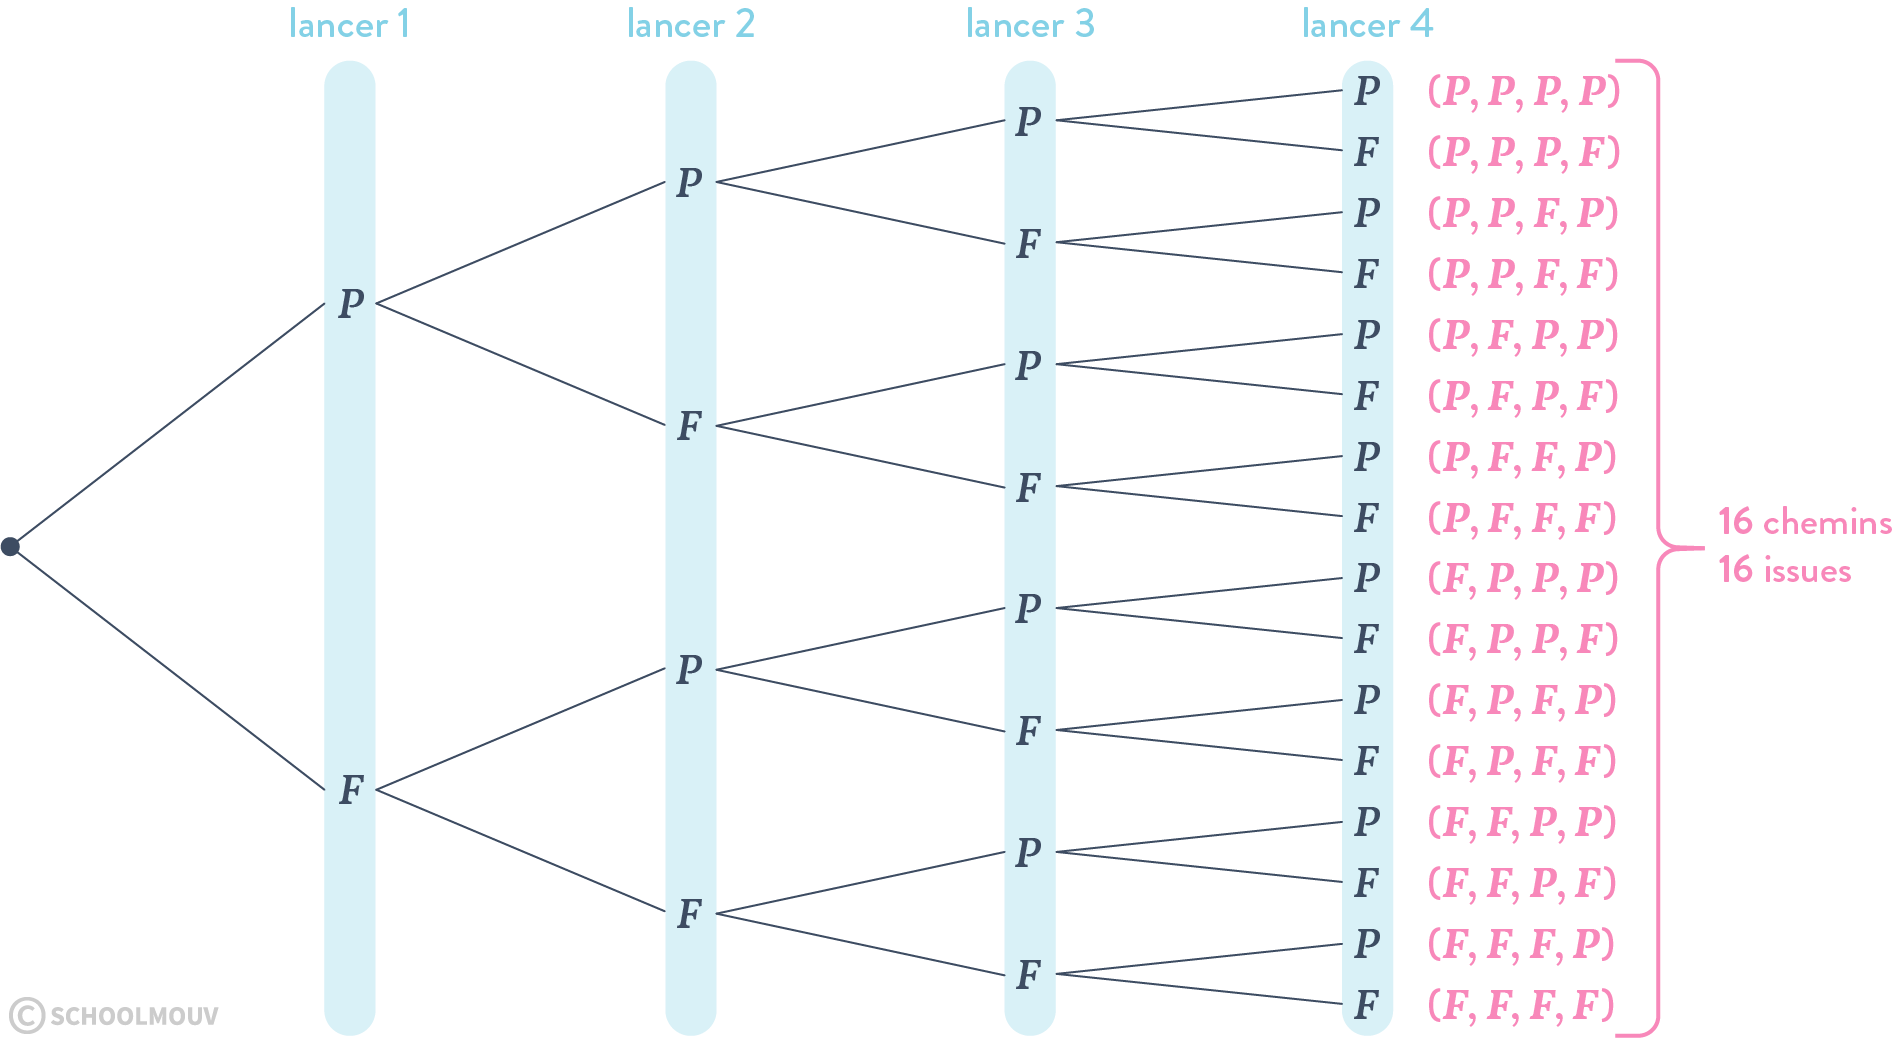 Alt mathématiques terminale spécialité factorielle k-uplet permutation combinaison